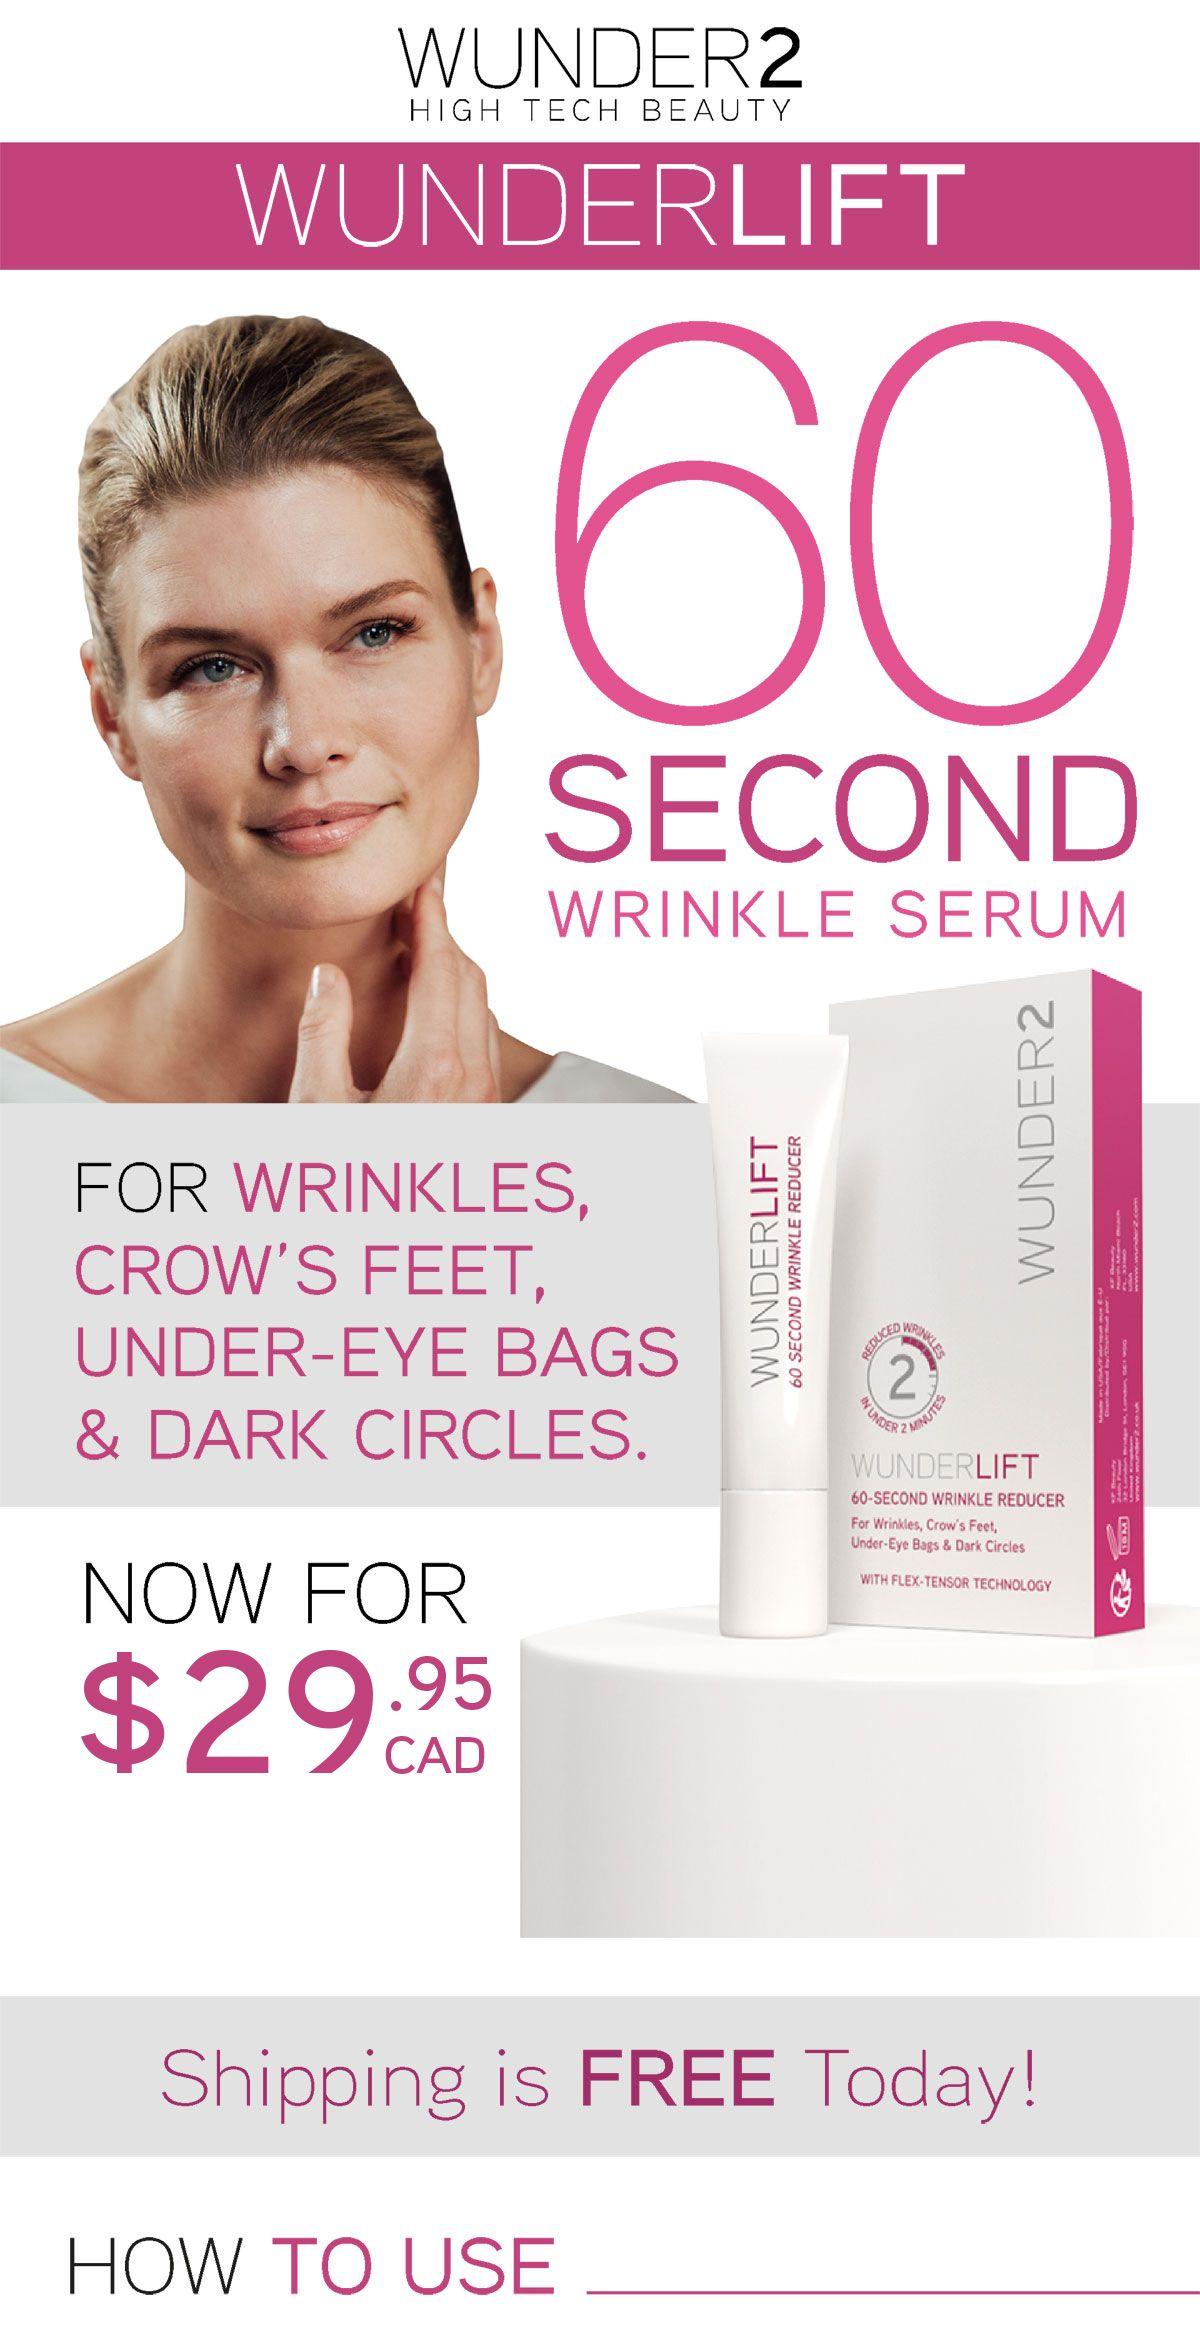 Wunderlift Face wrinkles, Wrinkle serum, Under eye bags